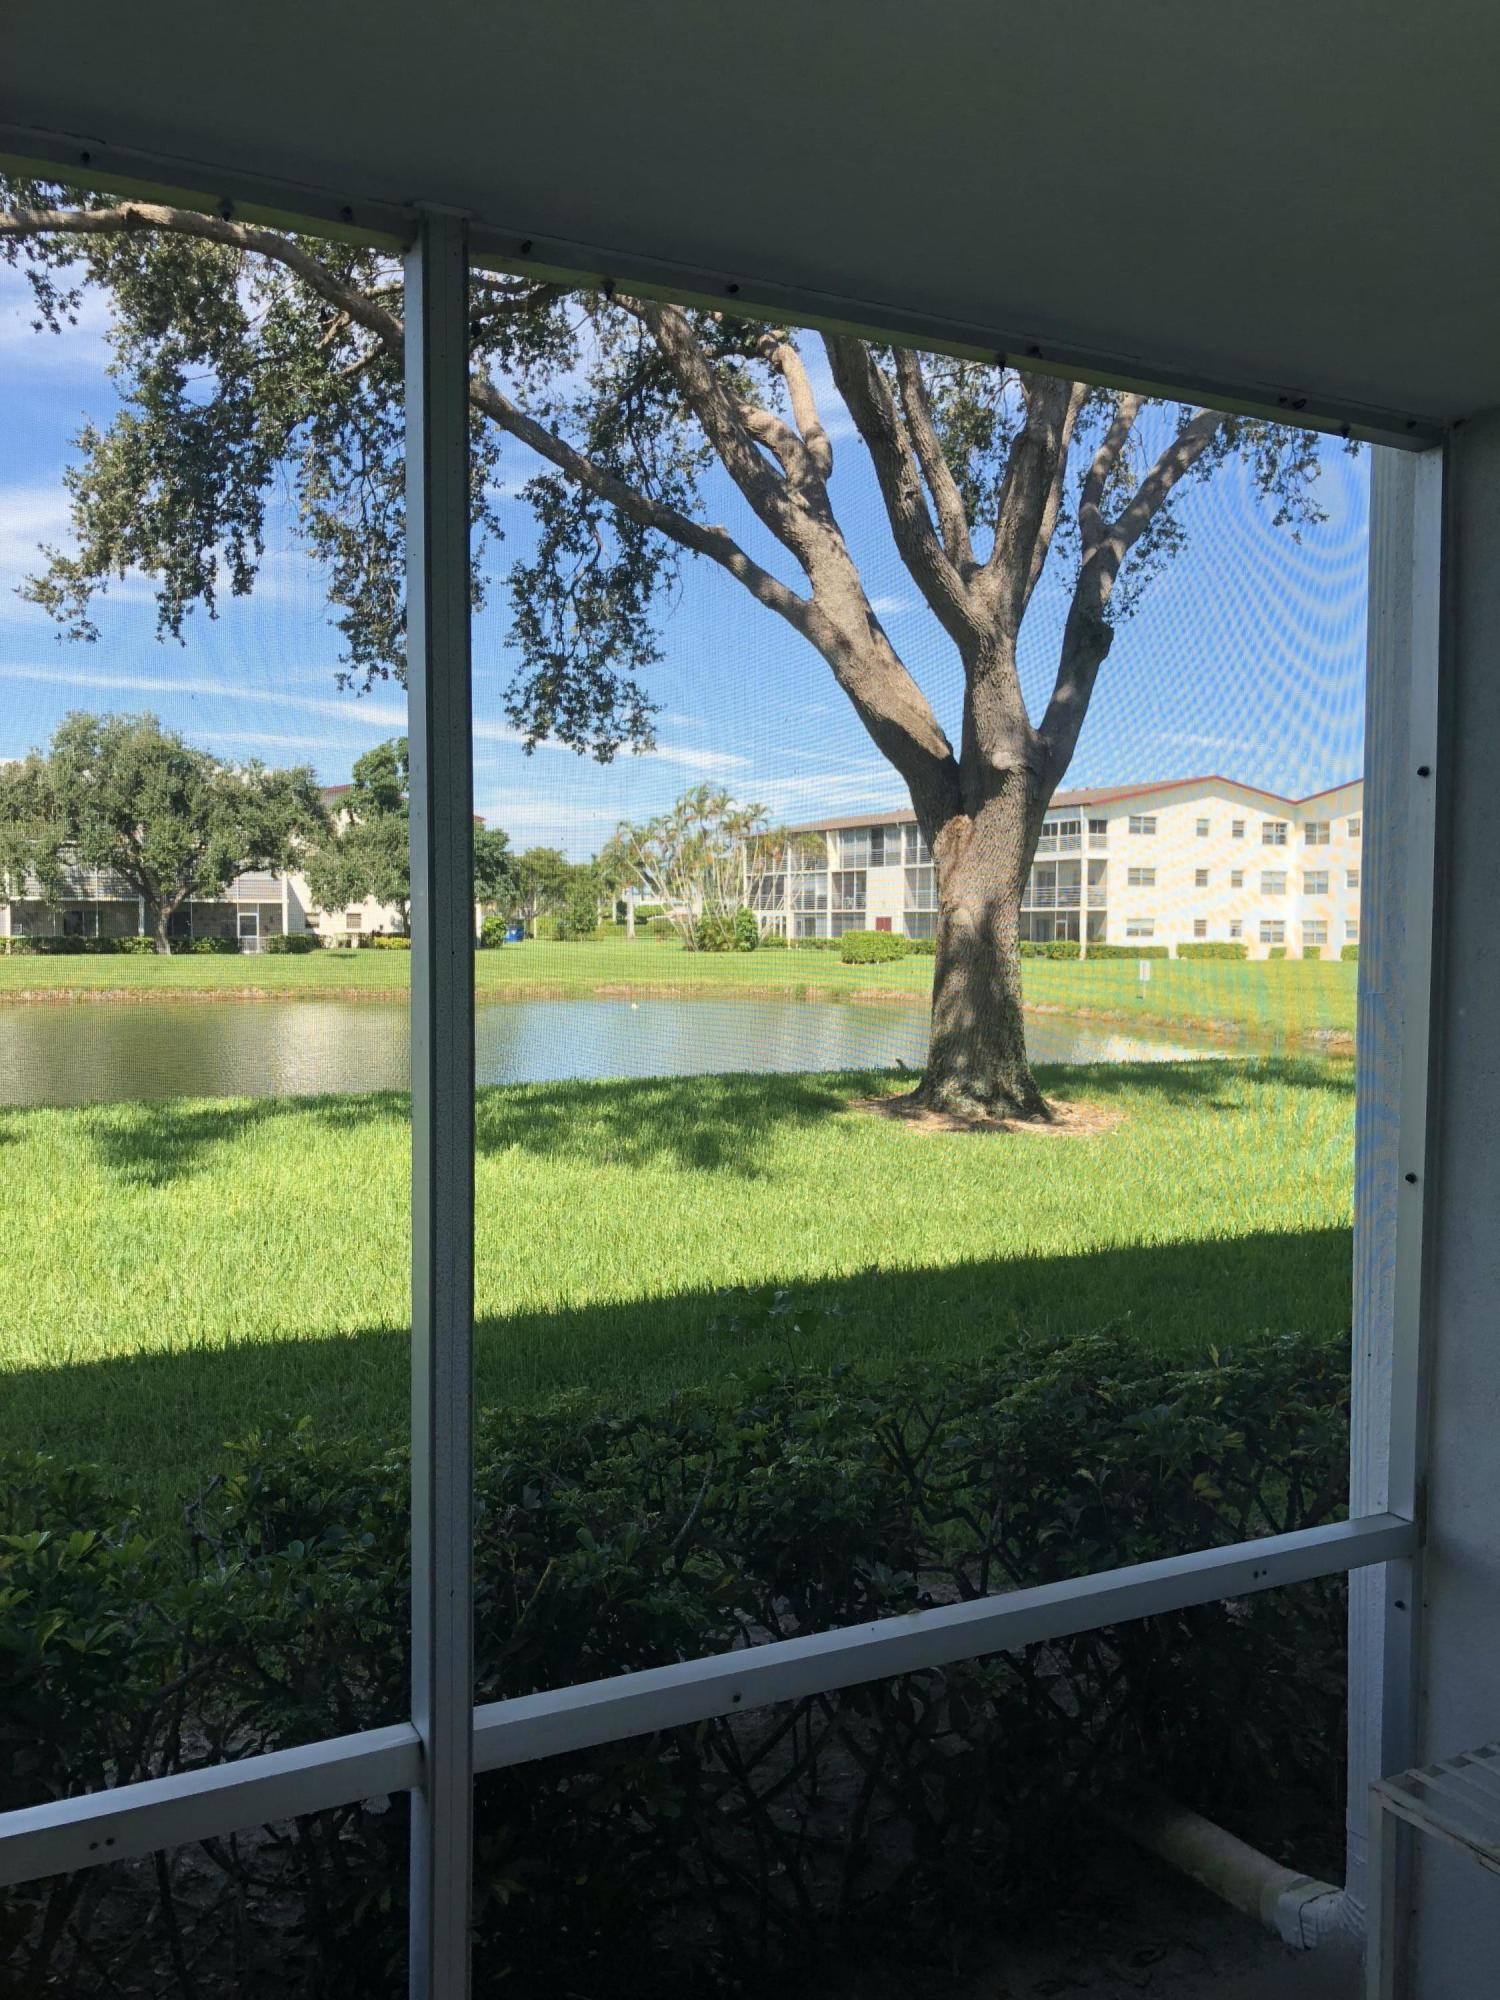 512 Fanshaw M, Boca Raton, Florida 33434, 1 Bedroom Bedrooms, ,1 BathroomBathrooms,Condo/Coop,For Rent,Century Village,Fanshaw M,1,RX-10464220